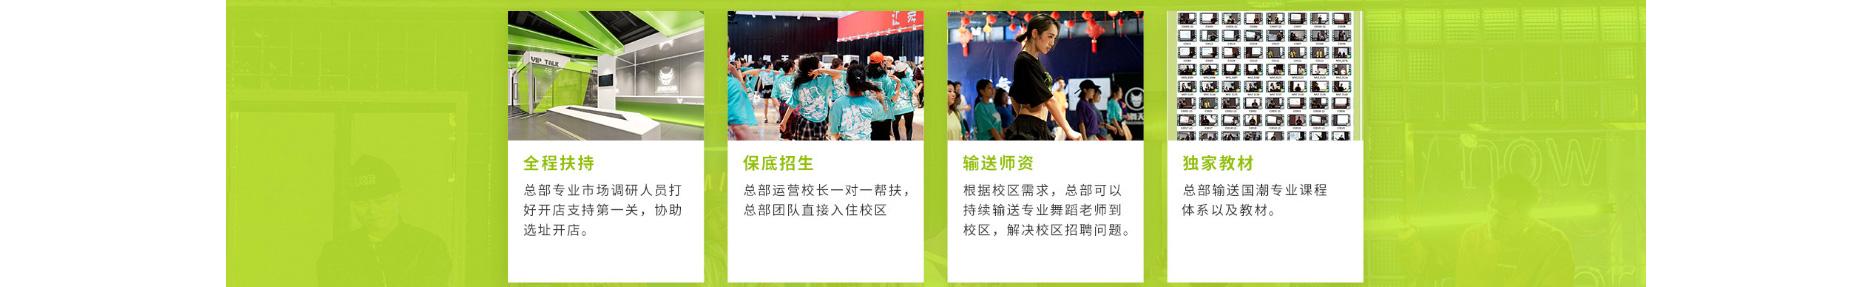 龙舞天团首页_07